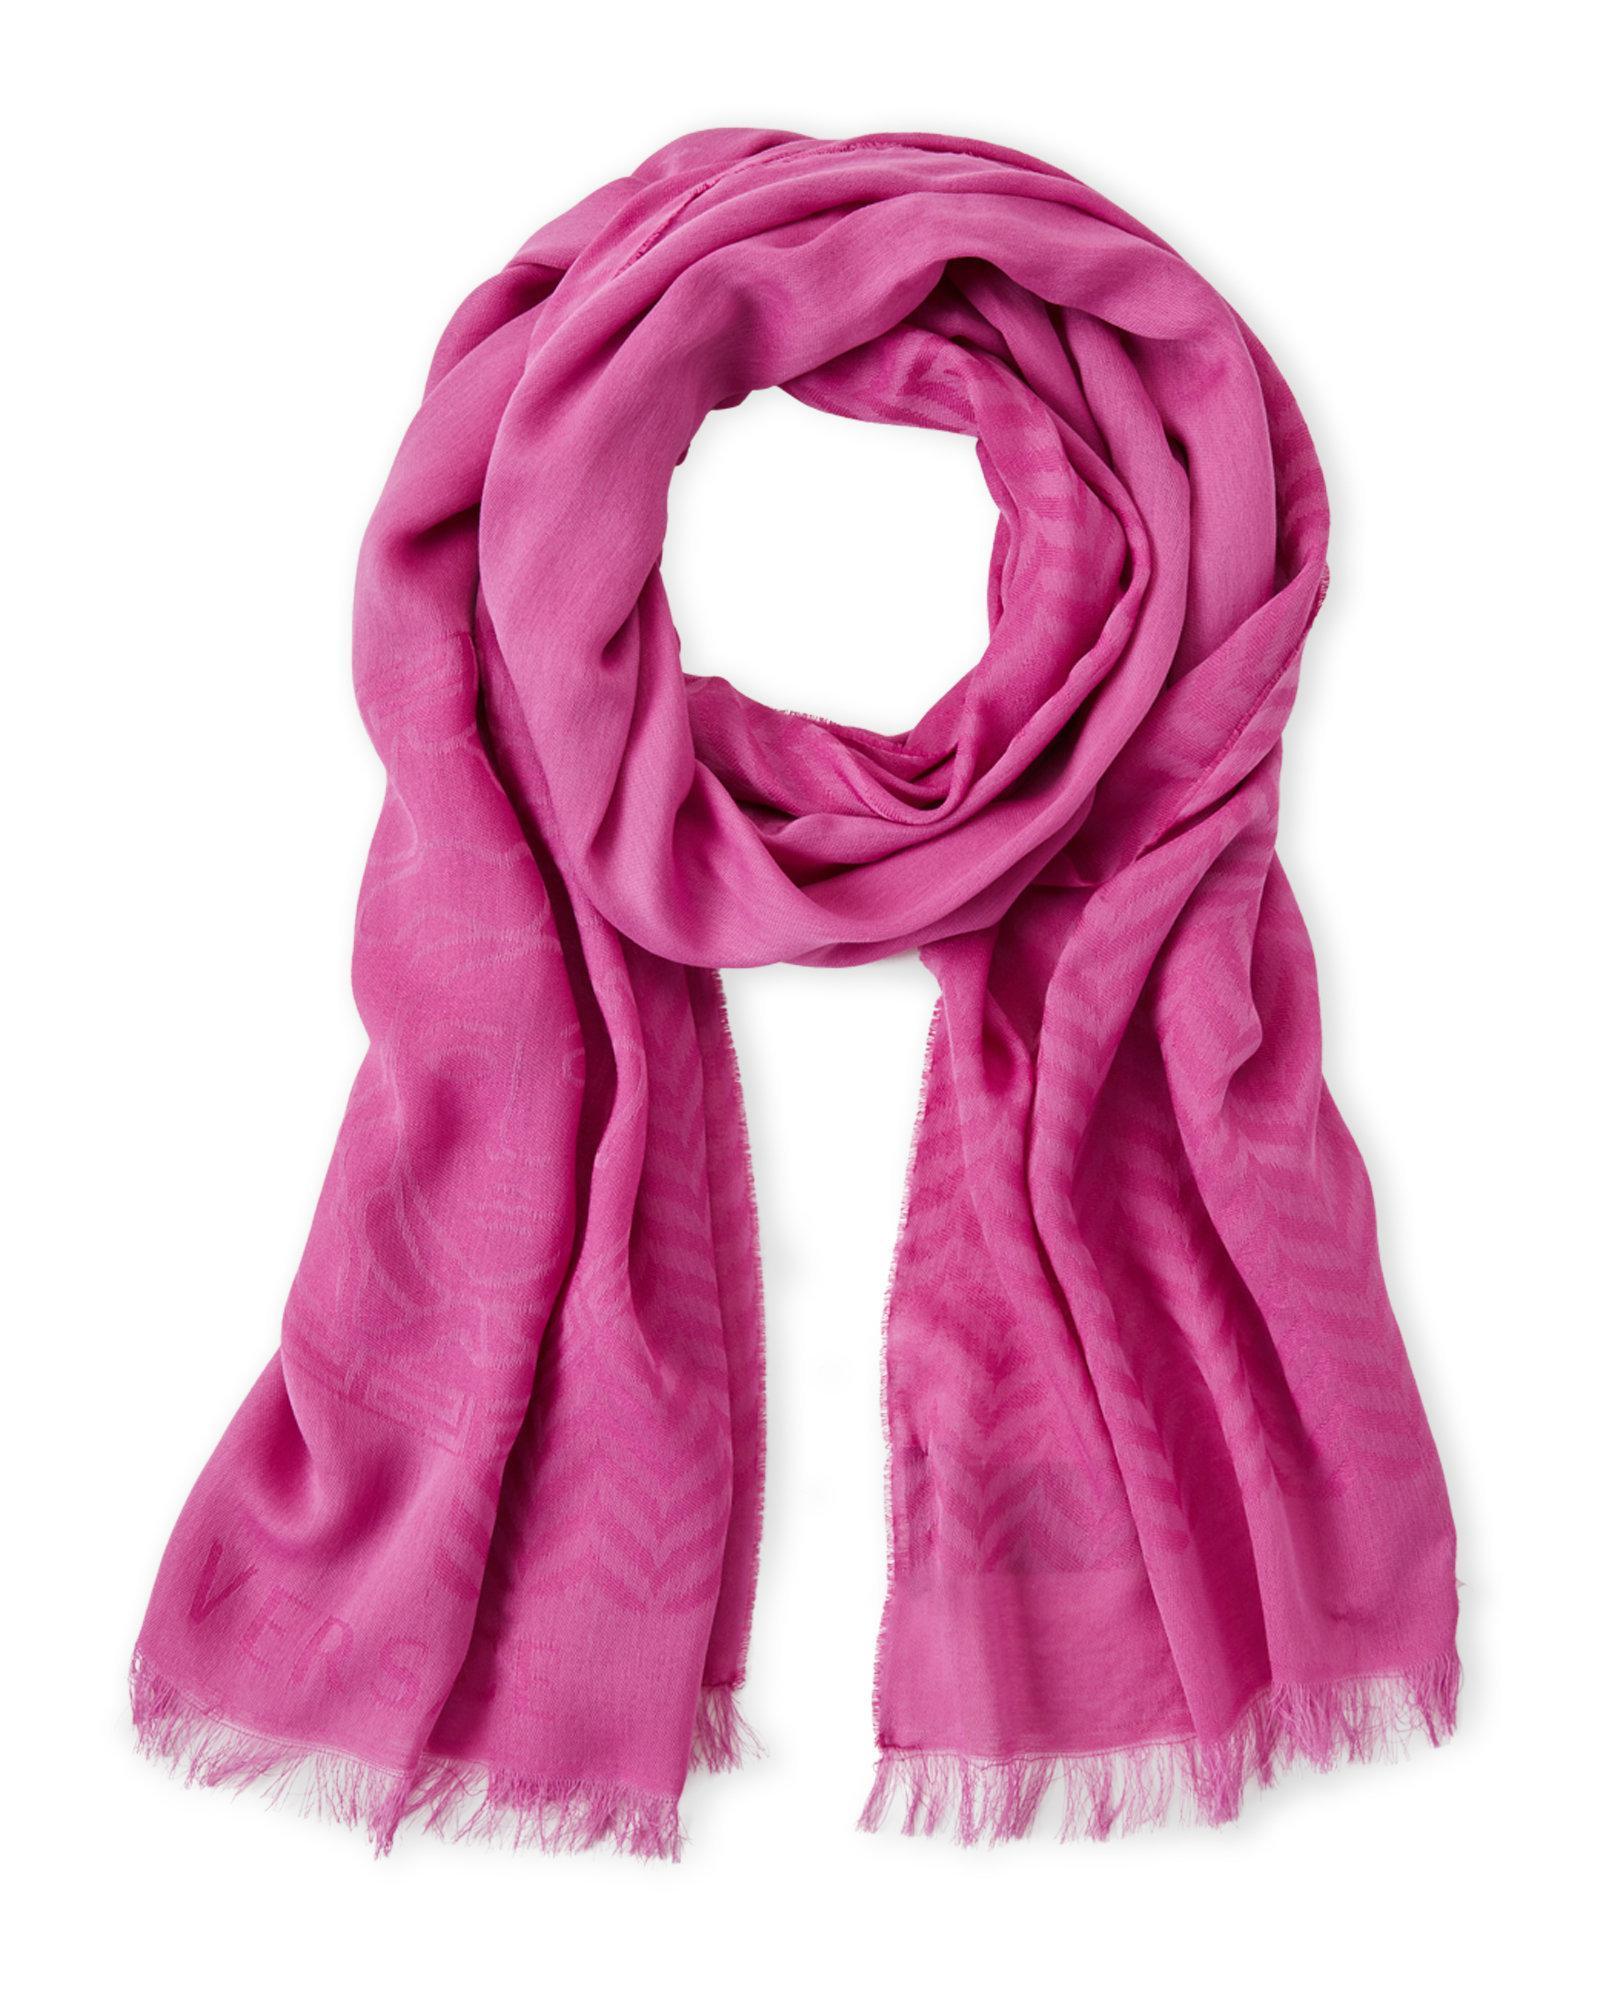 embroidered Medusa logo shawl - Pink & Purple Versace 5TKRO3Hj